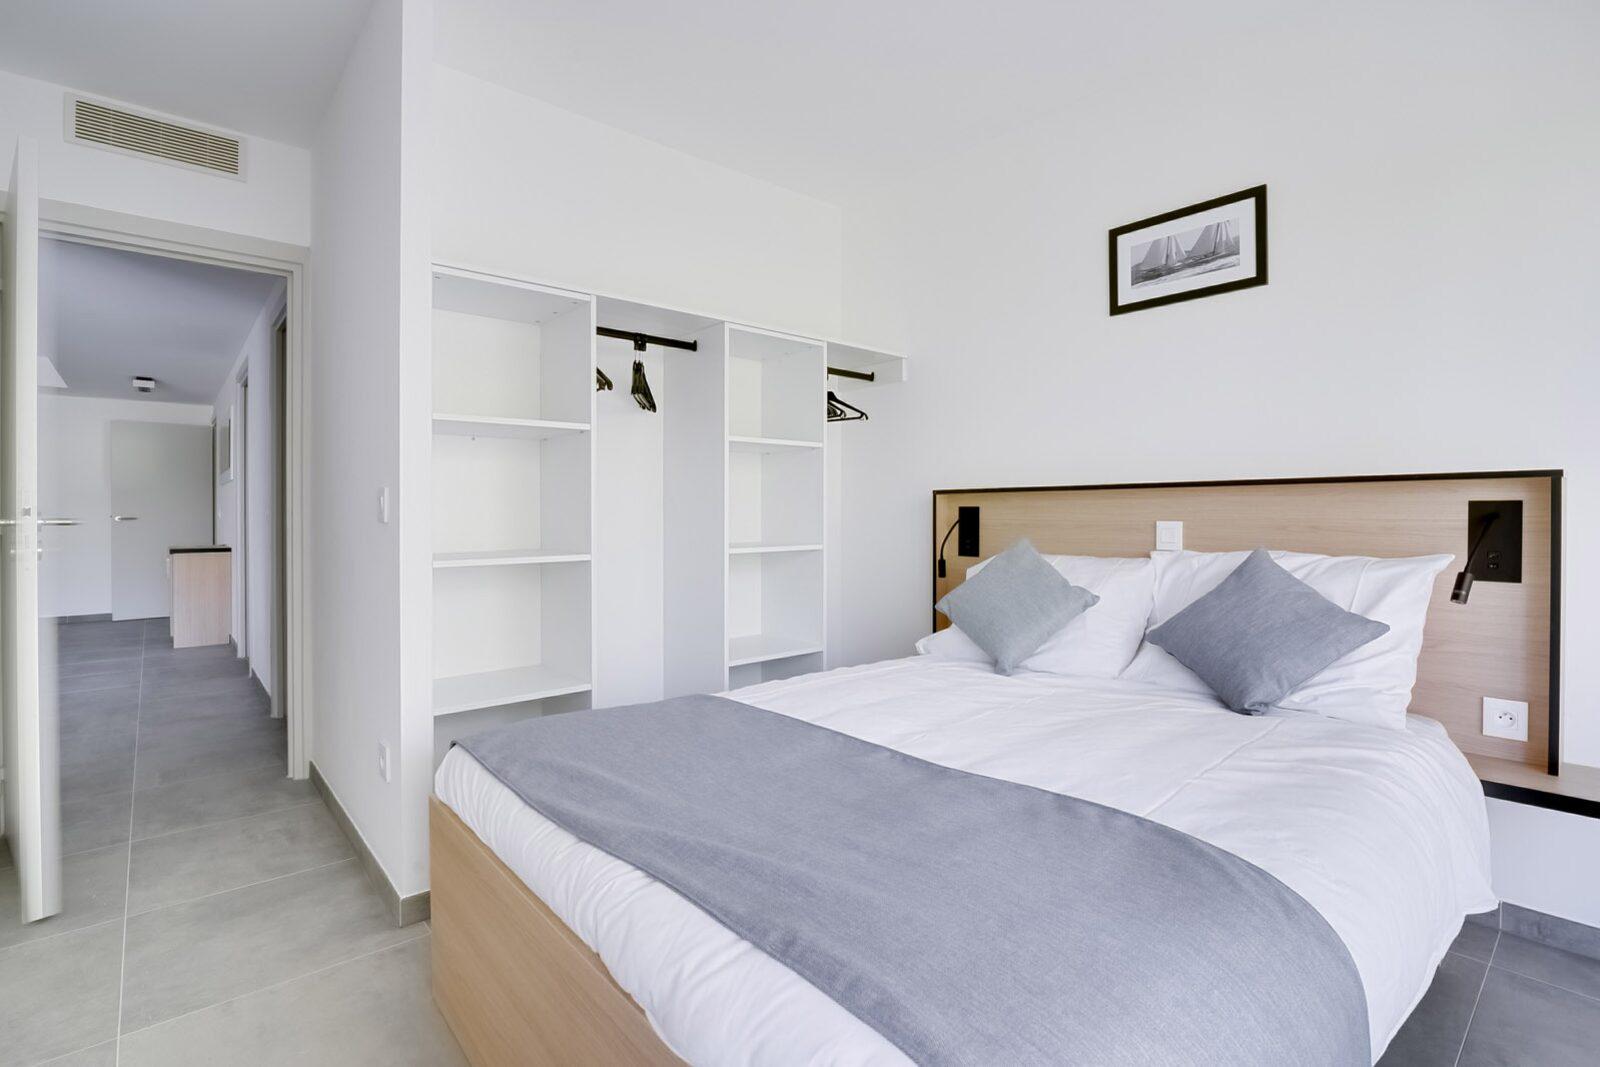 Appartement deluxe pour 8 personnes avec 3 chambres